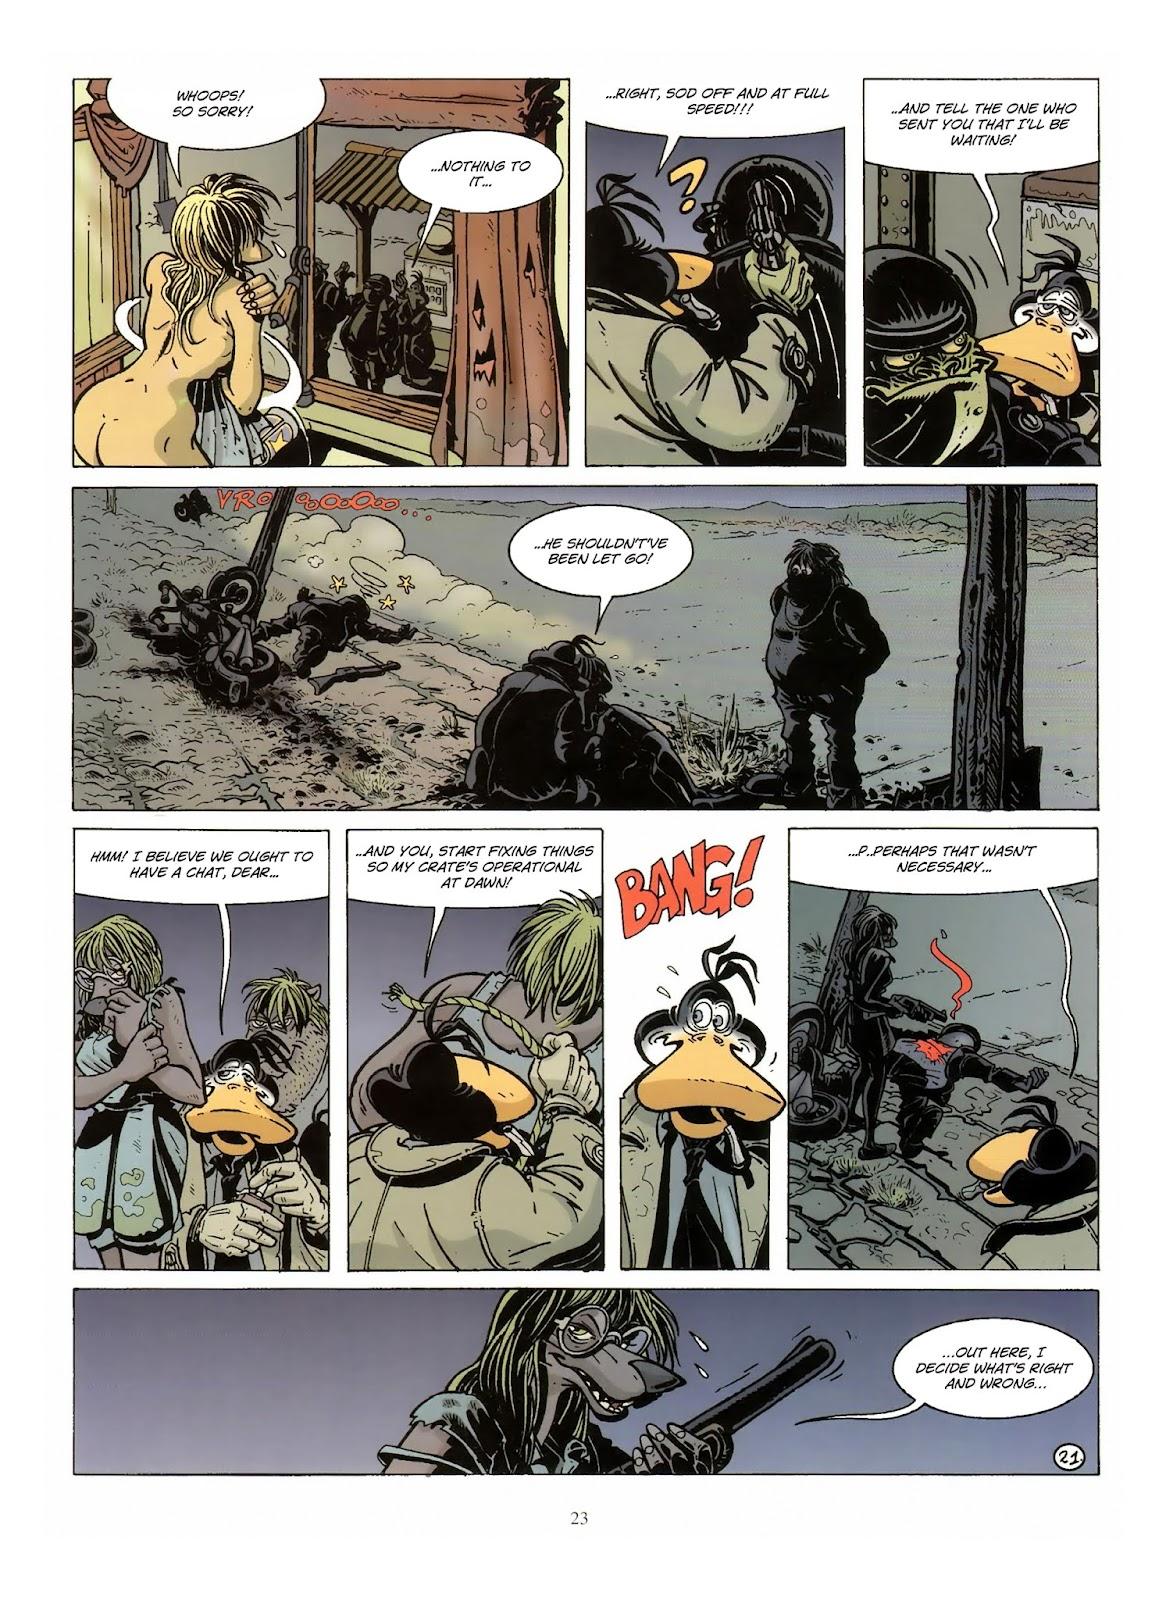 Une enquête de l'inspecteur Canardo issue 10 - Page 24